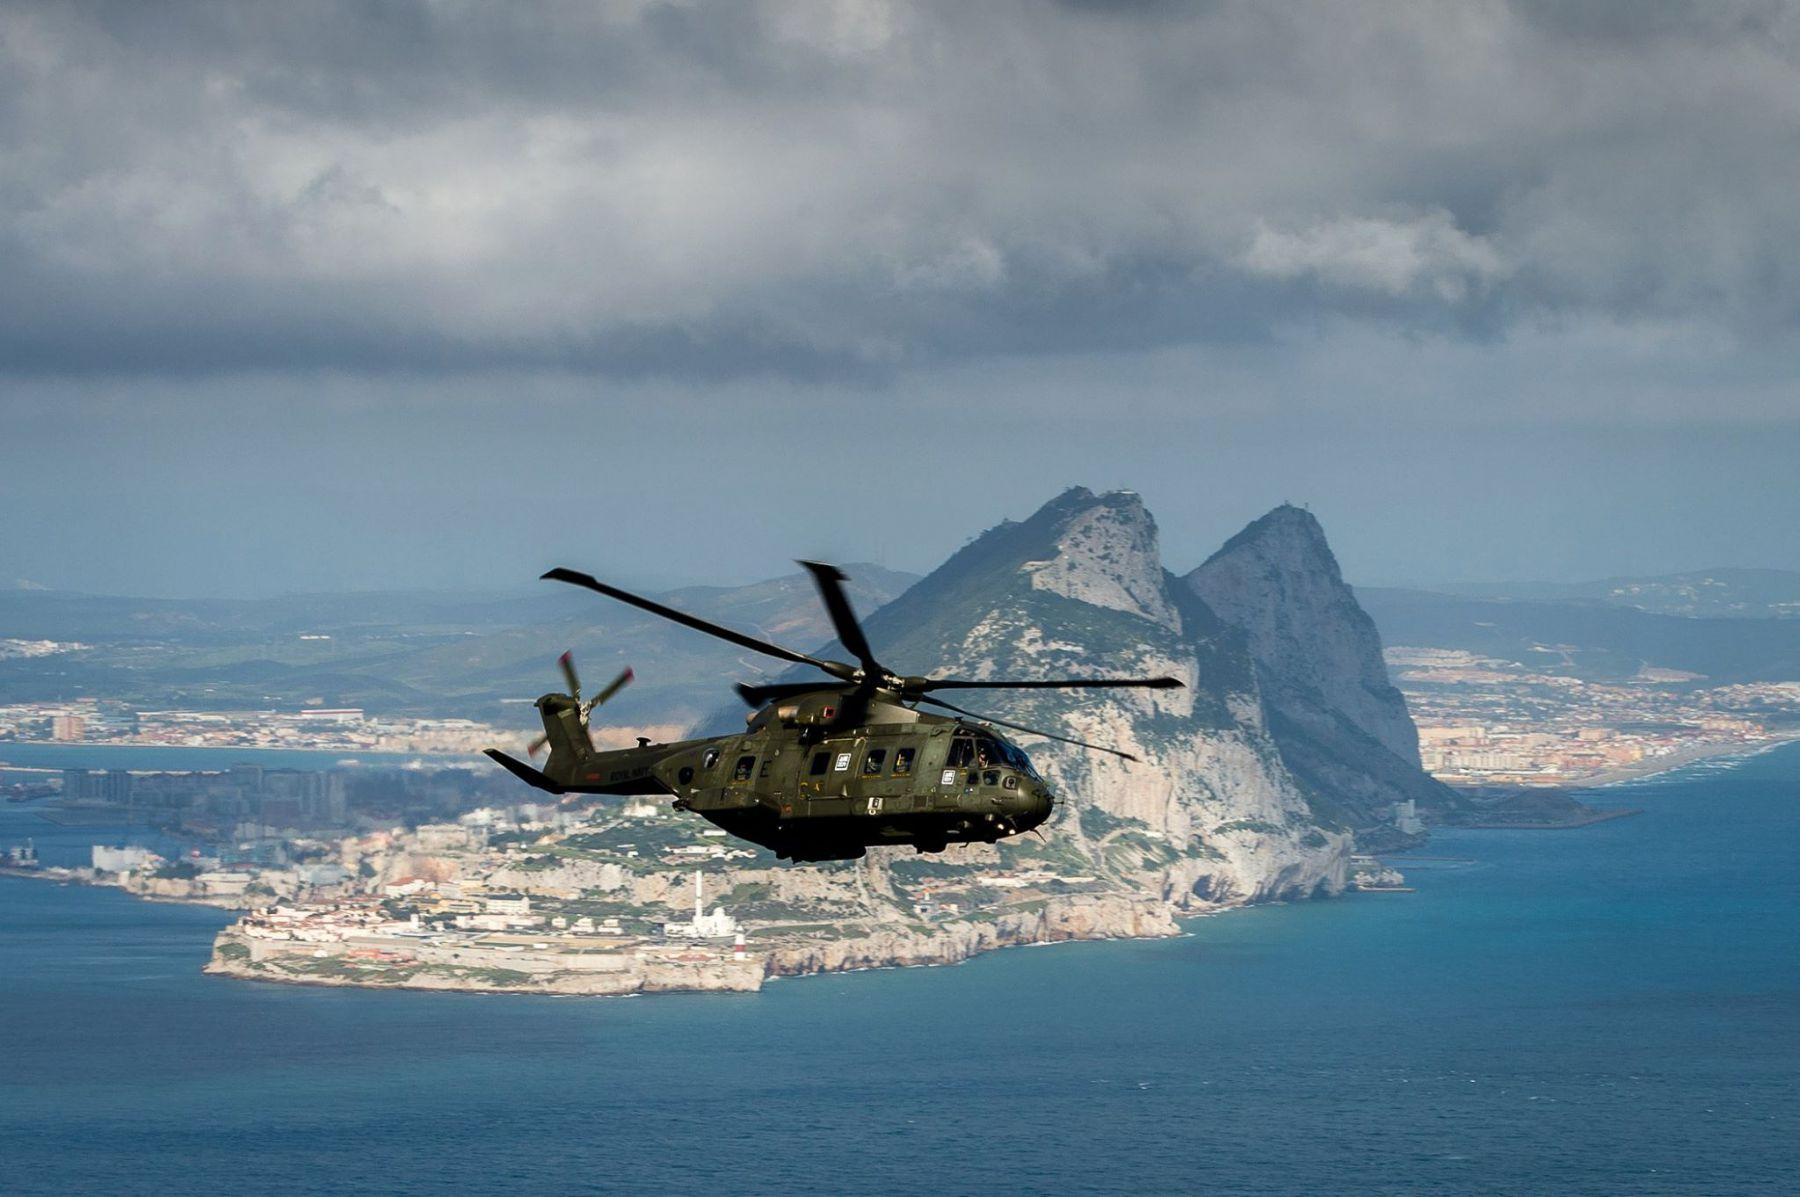 15-de-enero-2016-simulacro-de-rescate-con-helicpteros-merlin-mk3-en-gibraltar-18_24398430515_o